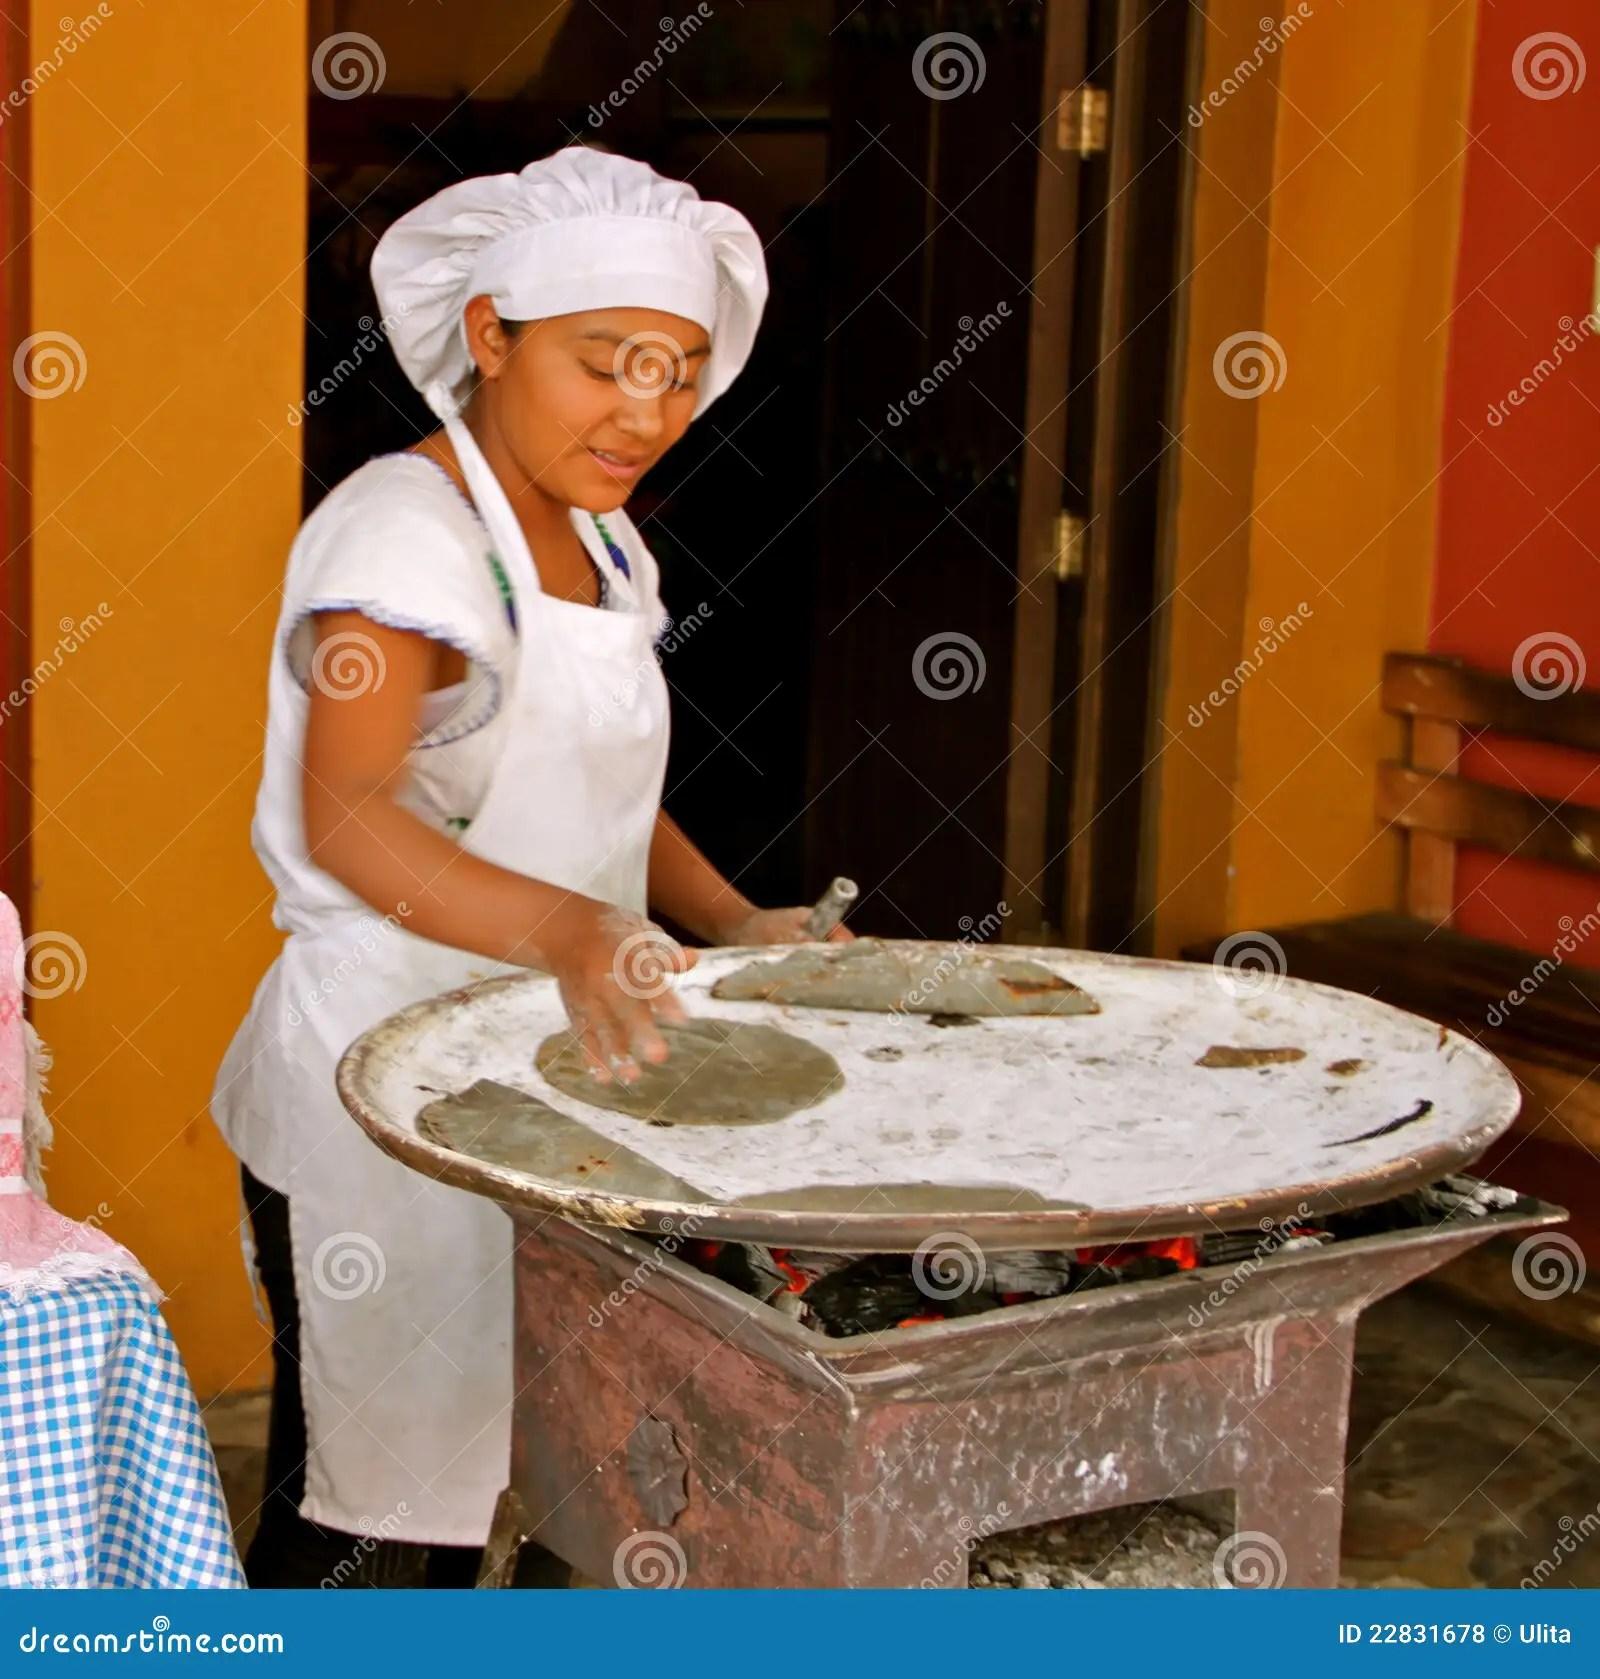 Handmade Mexican Corn Tortillas Editorial Stock Photo